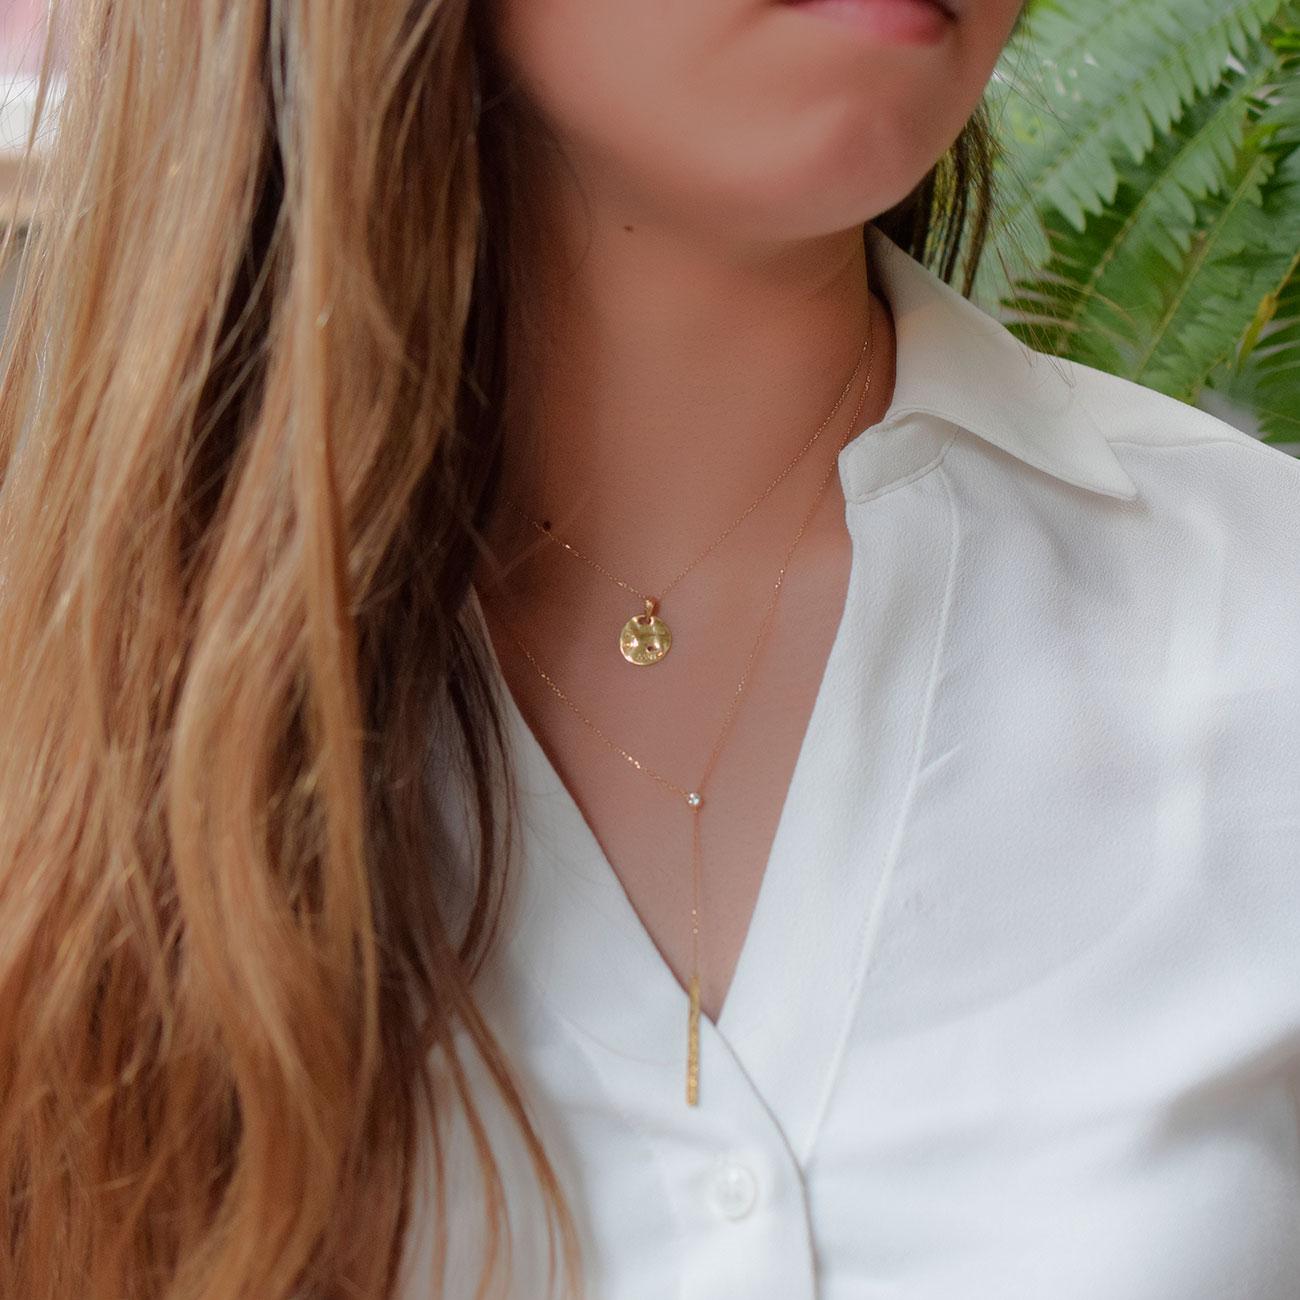 ★雑誌掲載★ハワイアンジュエリー ネックレス K18 イエローゴールド・ダイヤモンド0.06ct ハミング・バー Y字 ネックレス ane1192ae